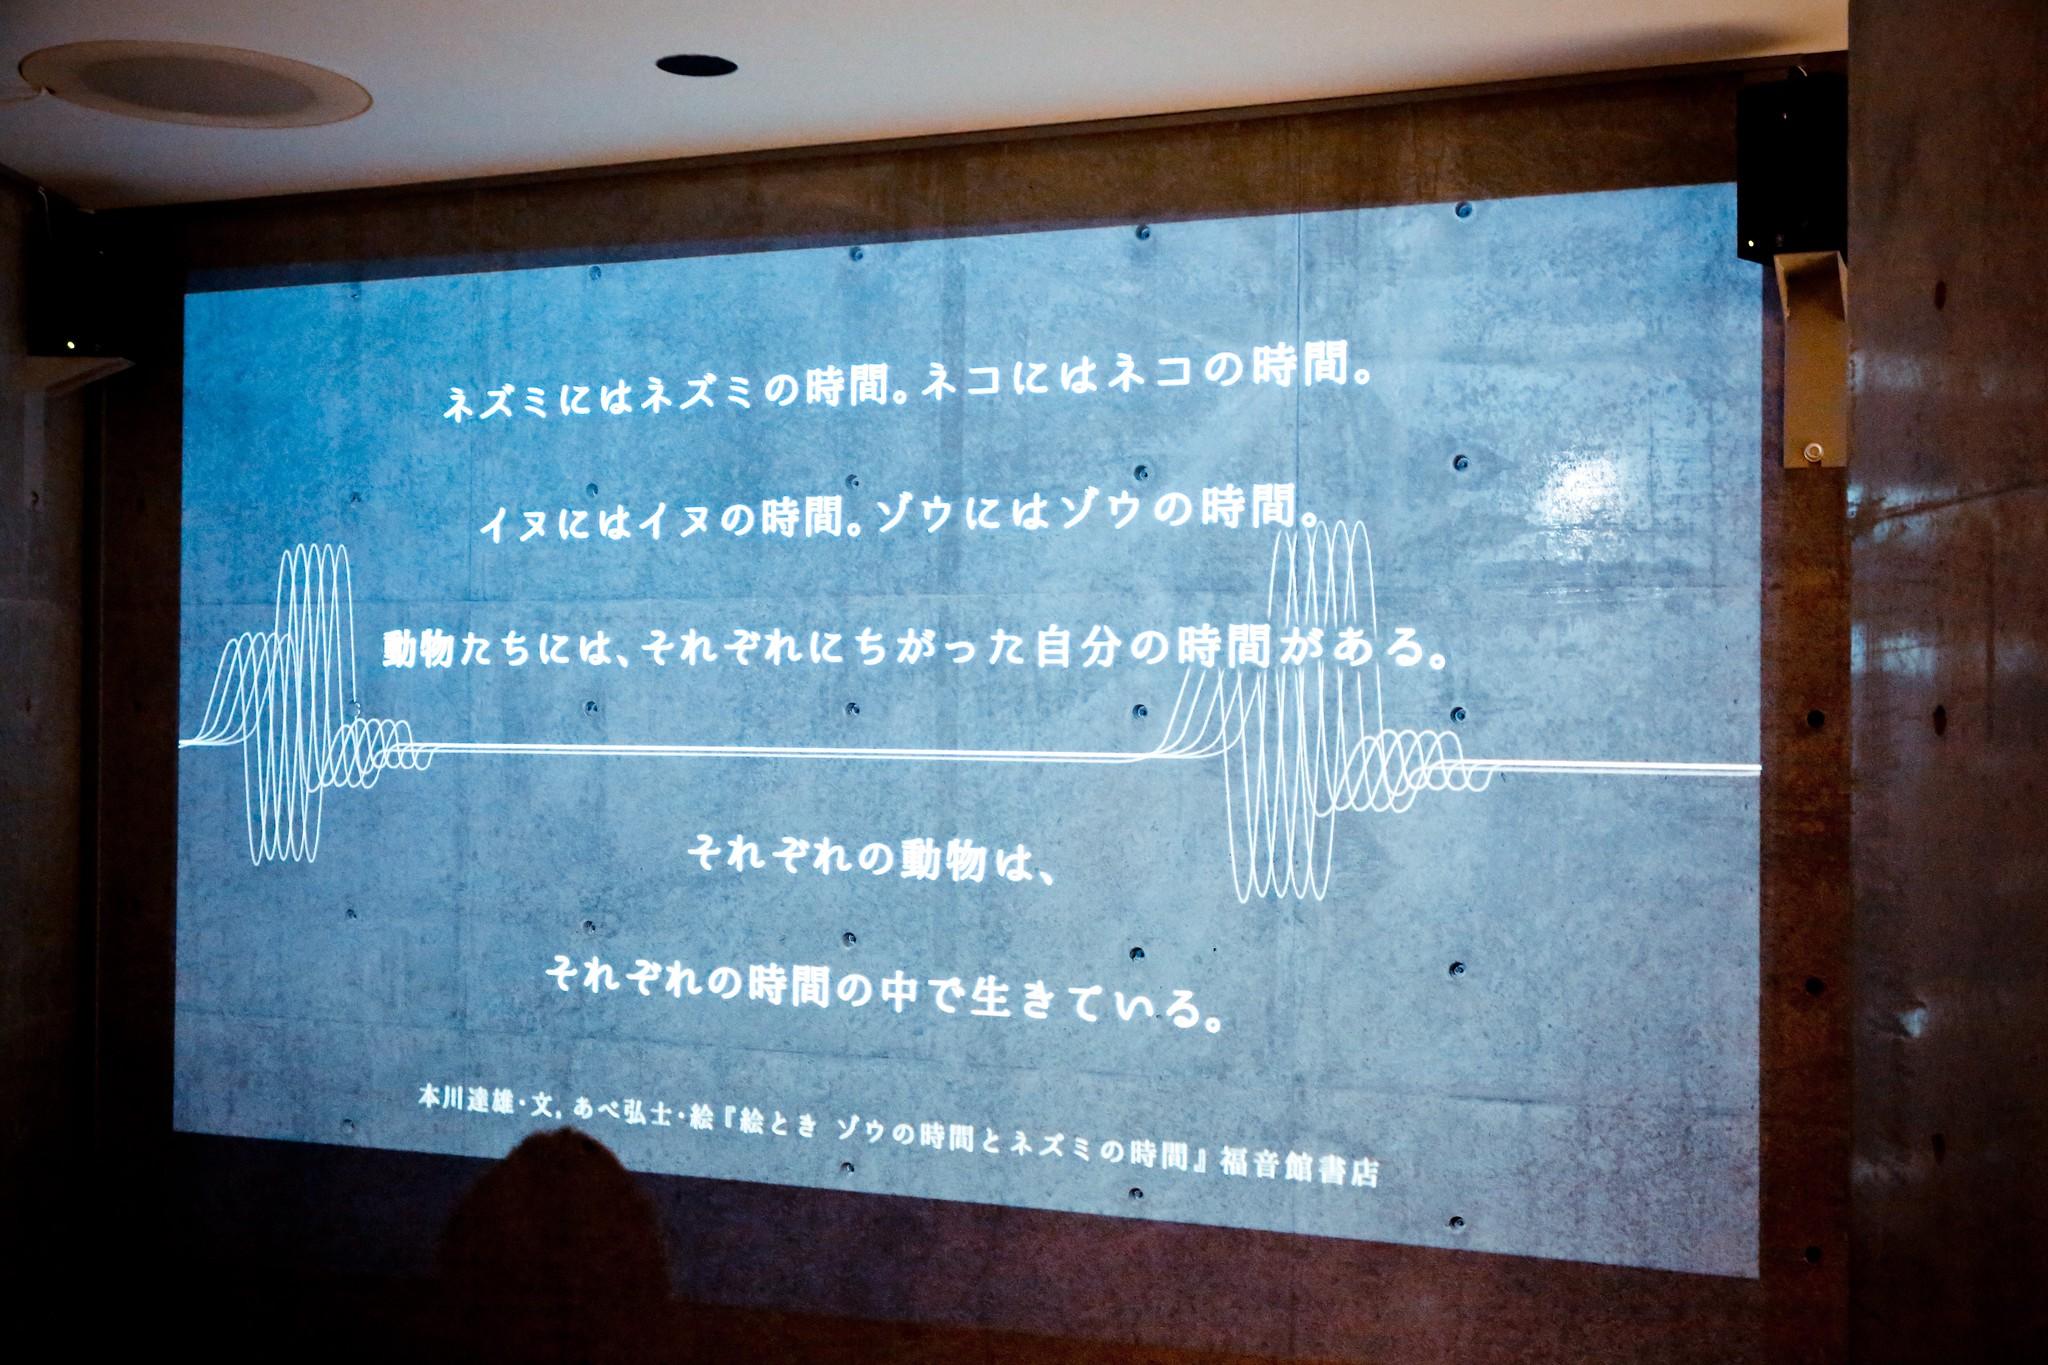 六本木 21_21 DESIGN SIGHT (安藤忠雄) 単位展